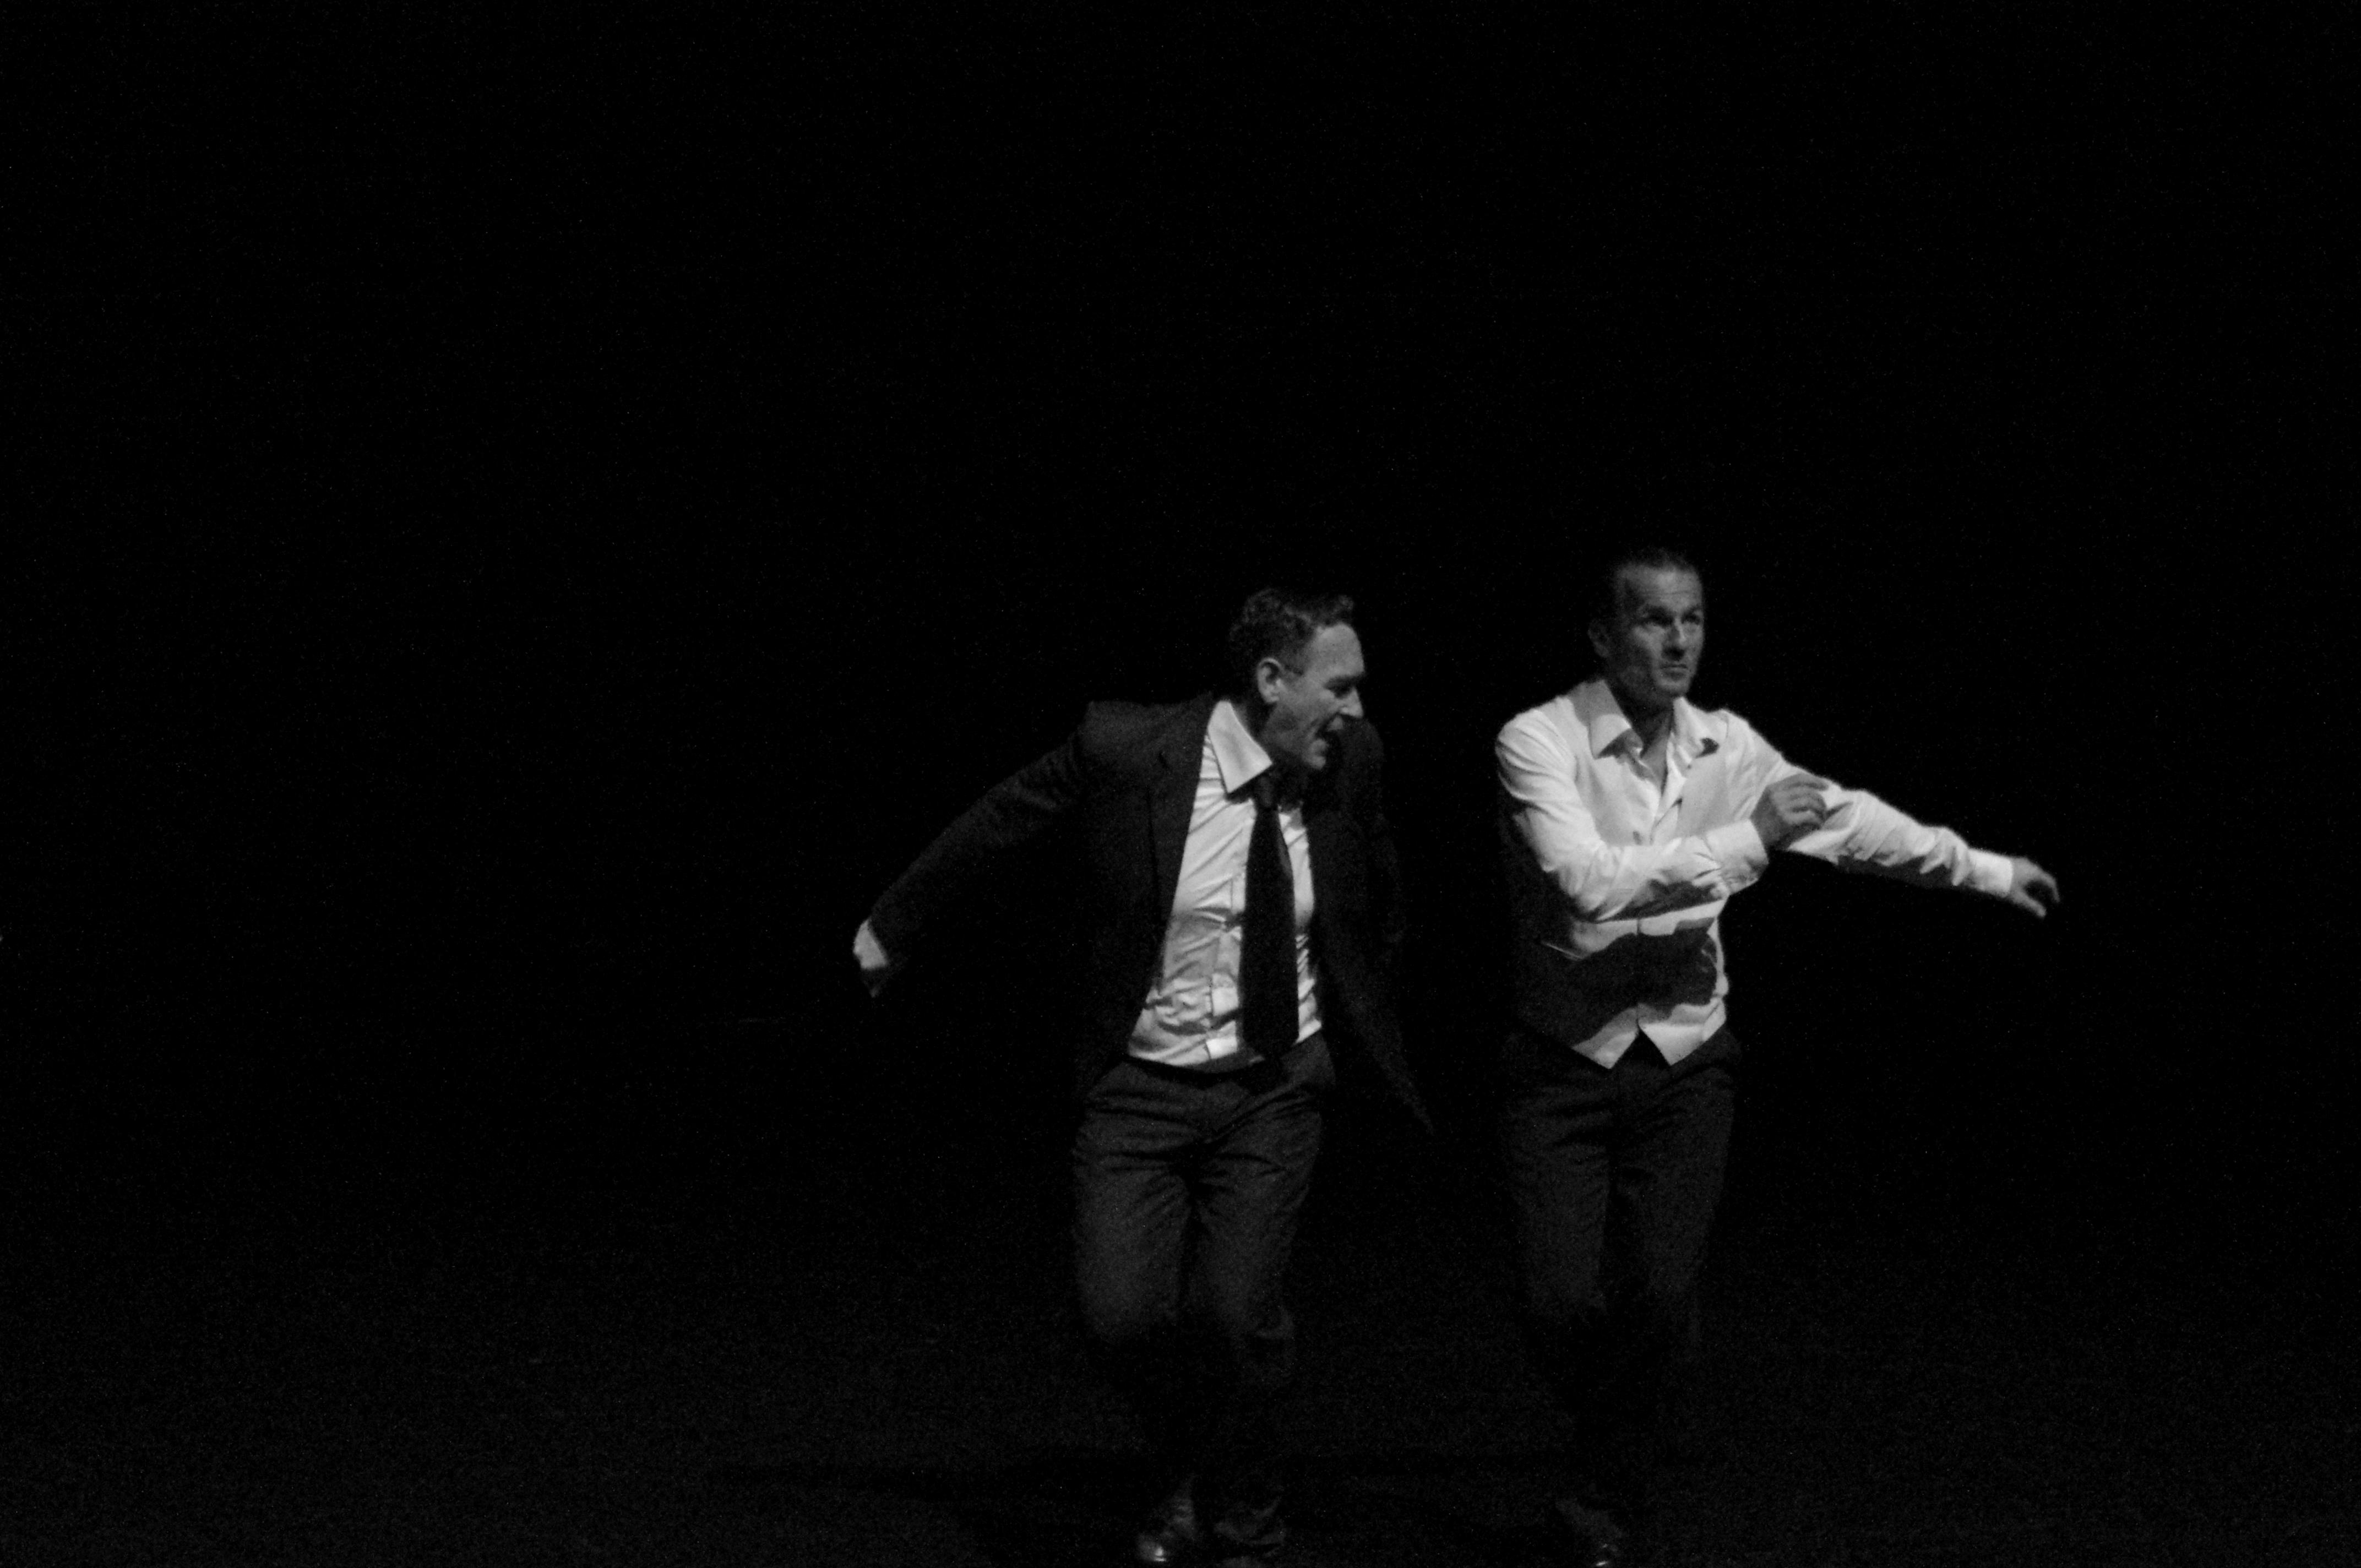 «Inconnu à cette adresse» La cité Théâtre, 22 et 23 novembre à Caen